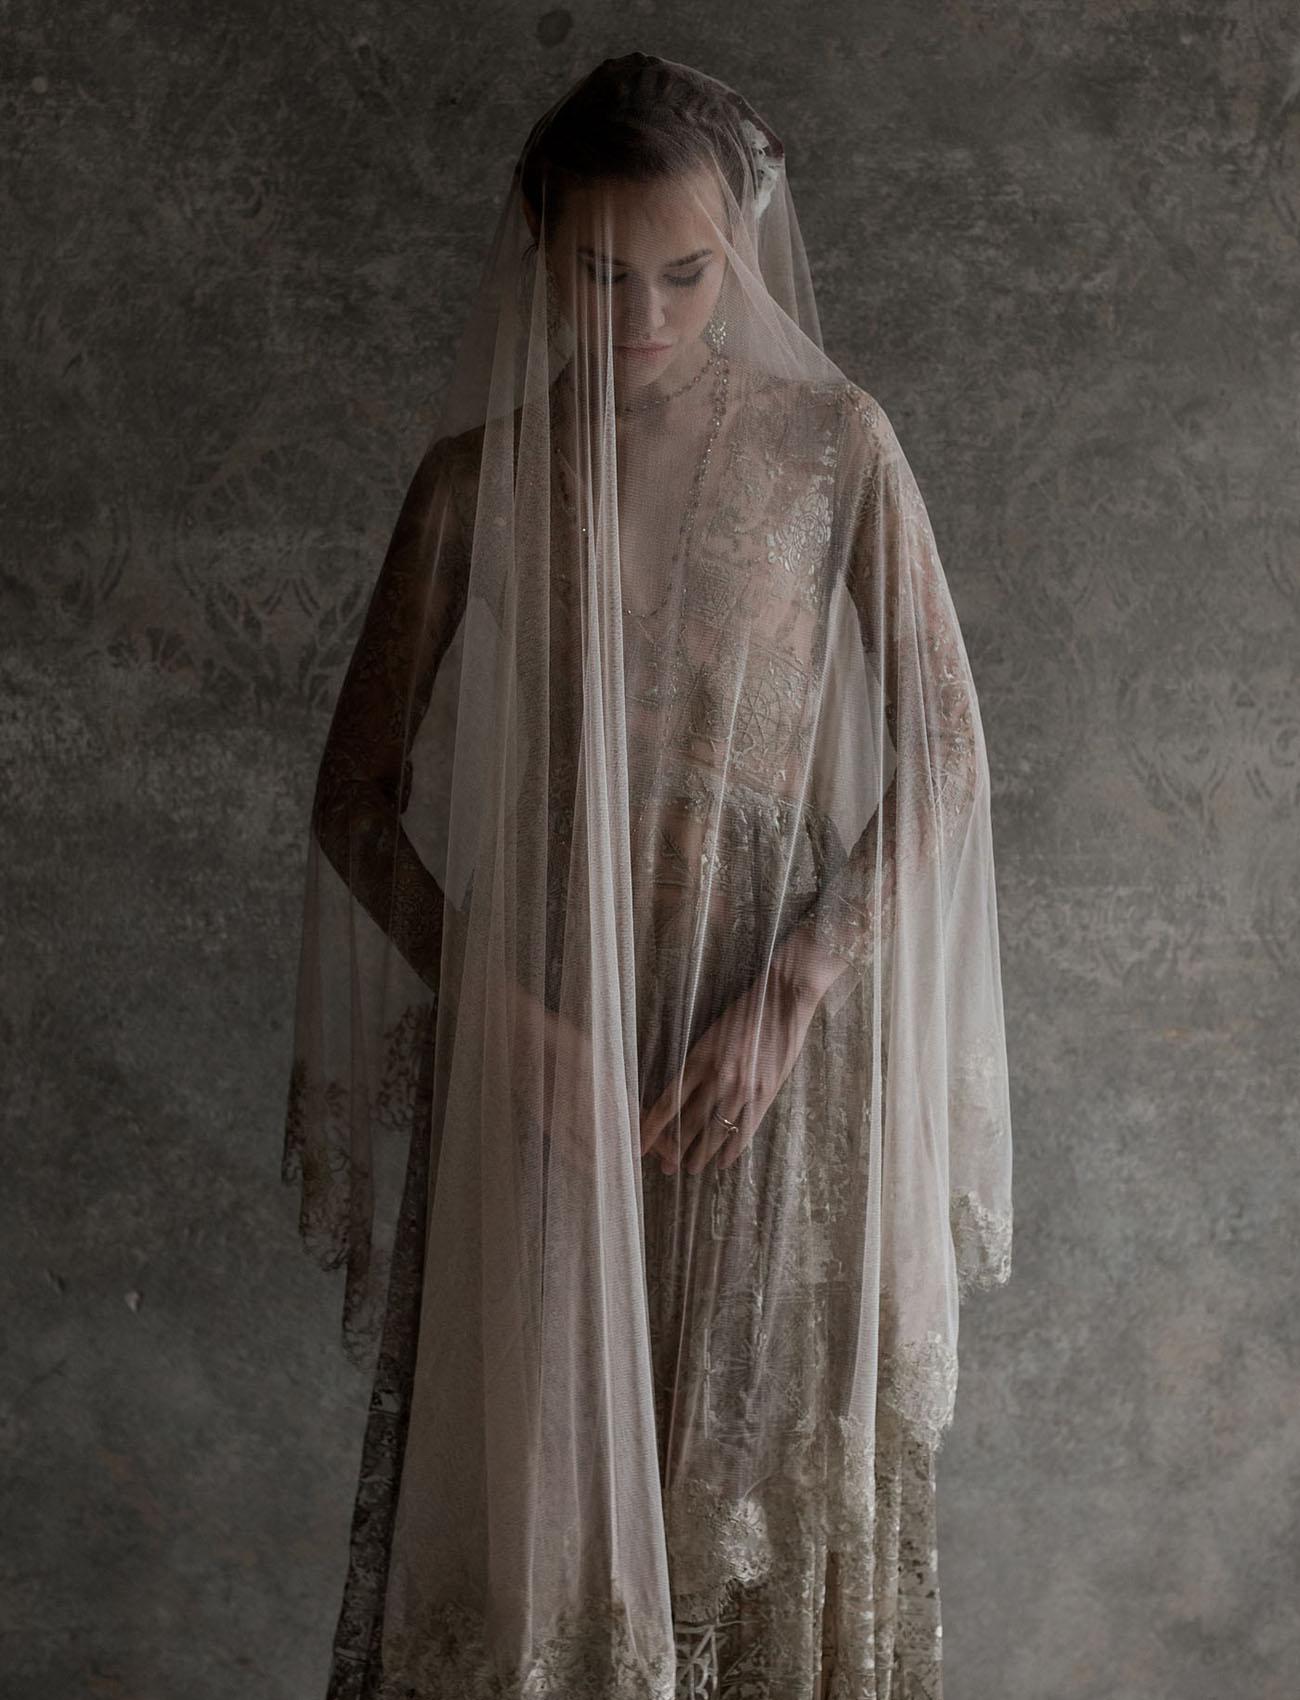 nice veil